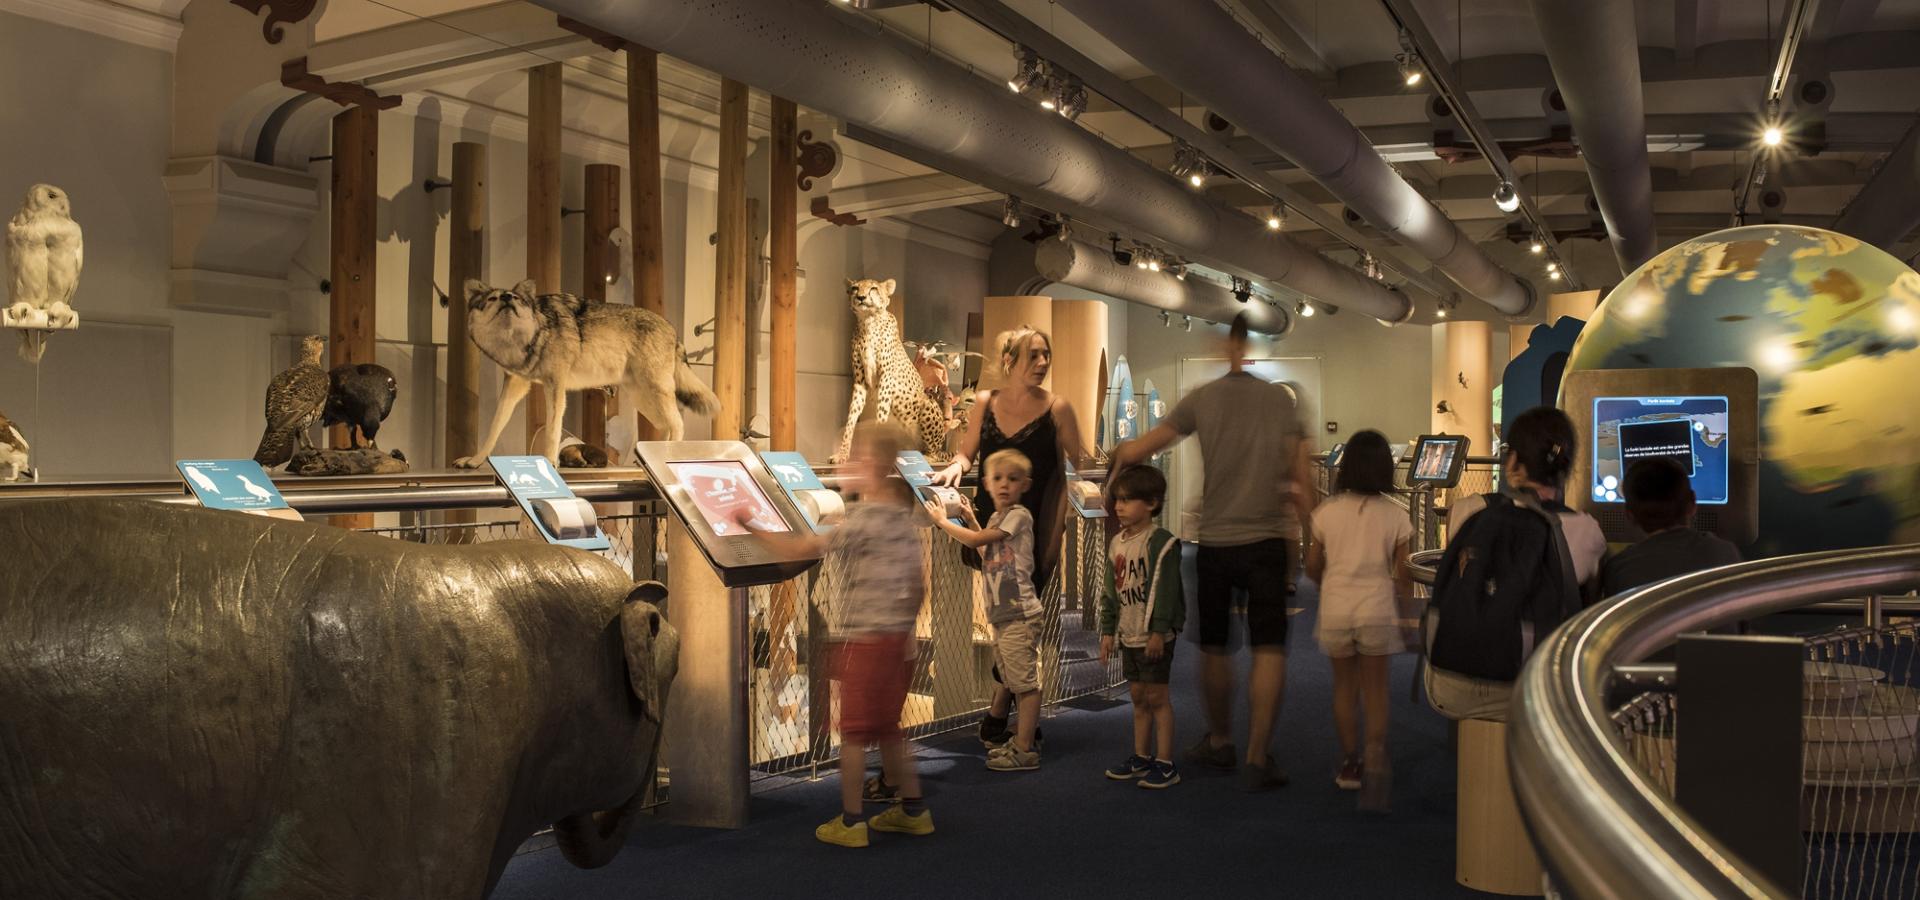 À la Galerie des enfants, la biodiversité se découvre en famille. Avis aux petits curieux et aux grands : animaux naturalisés et jeux interactifs les attendent. © MNHN – Agnès Iatzoura